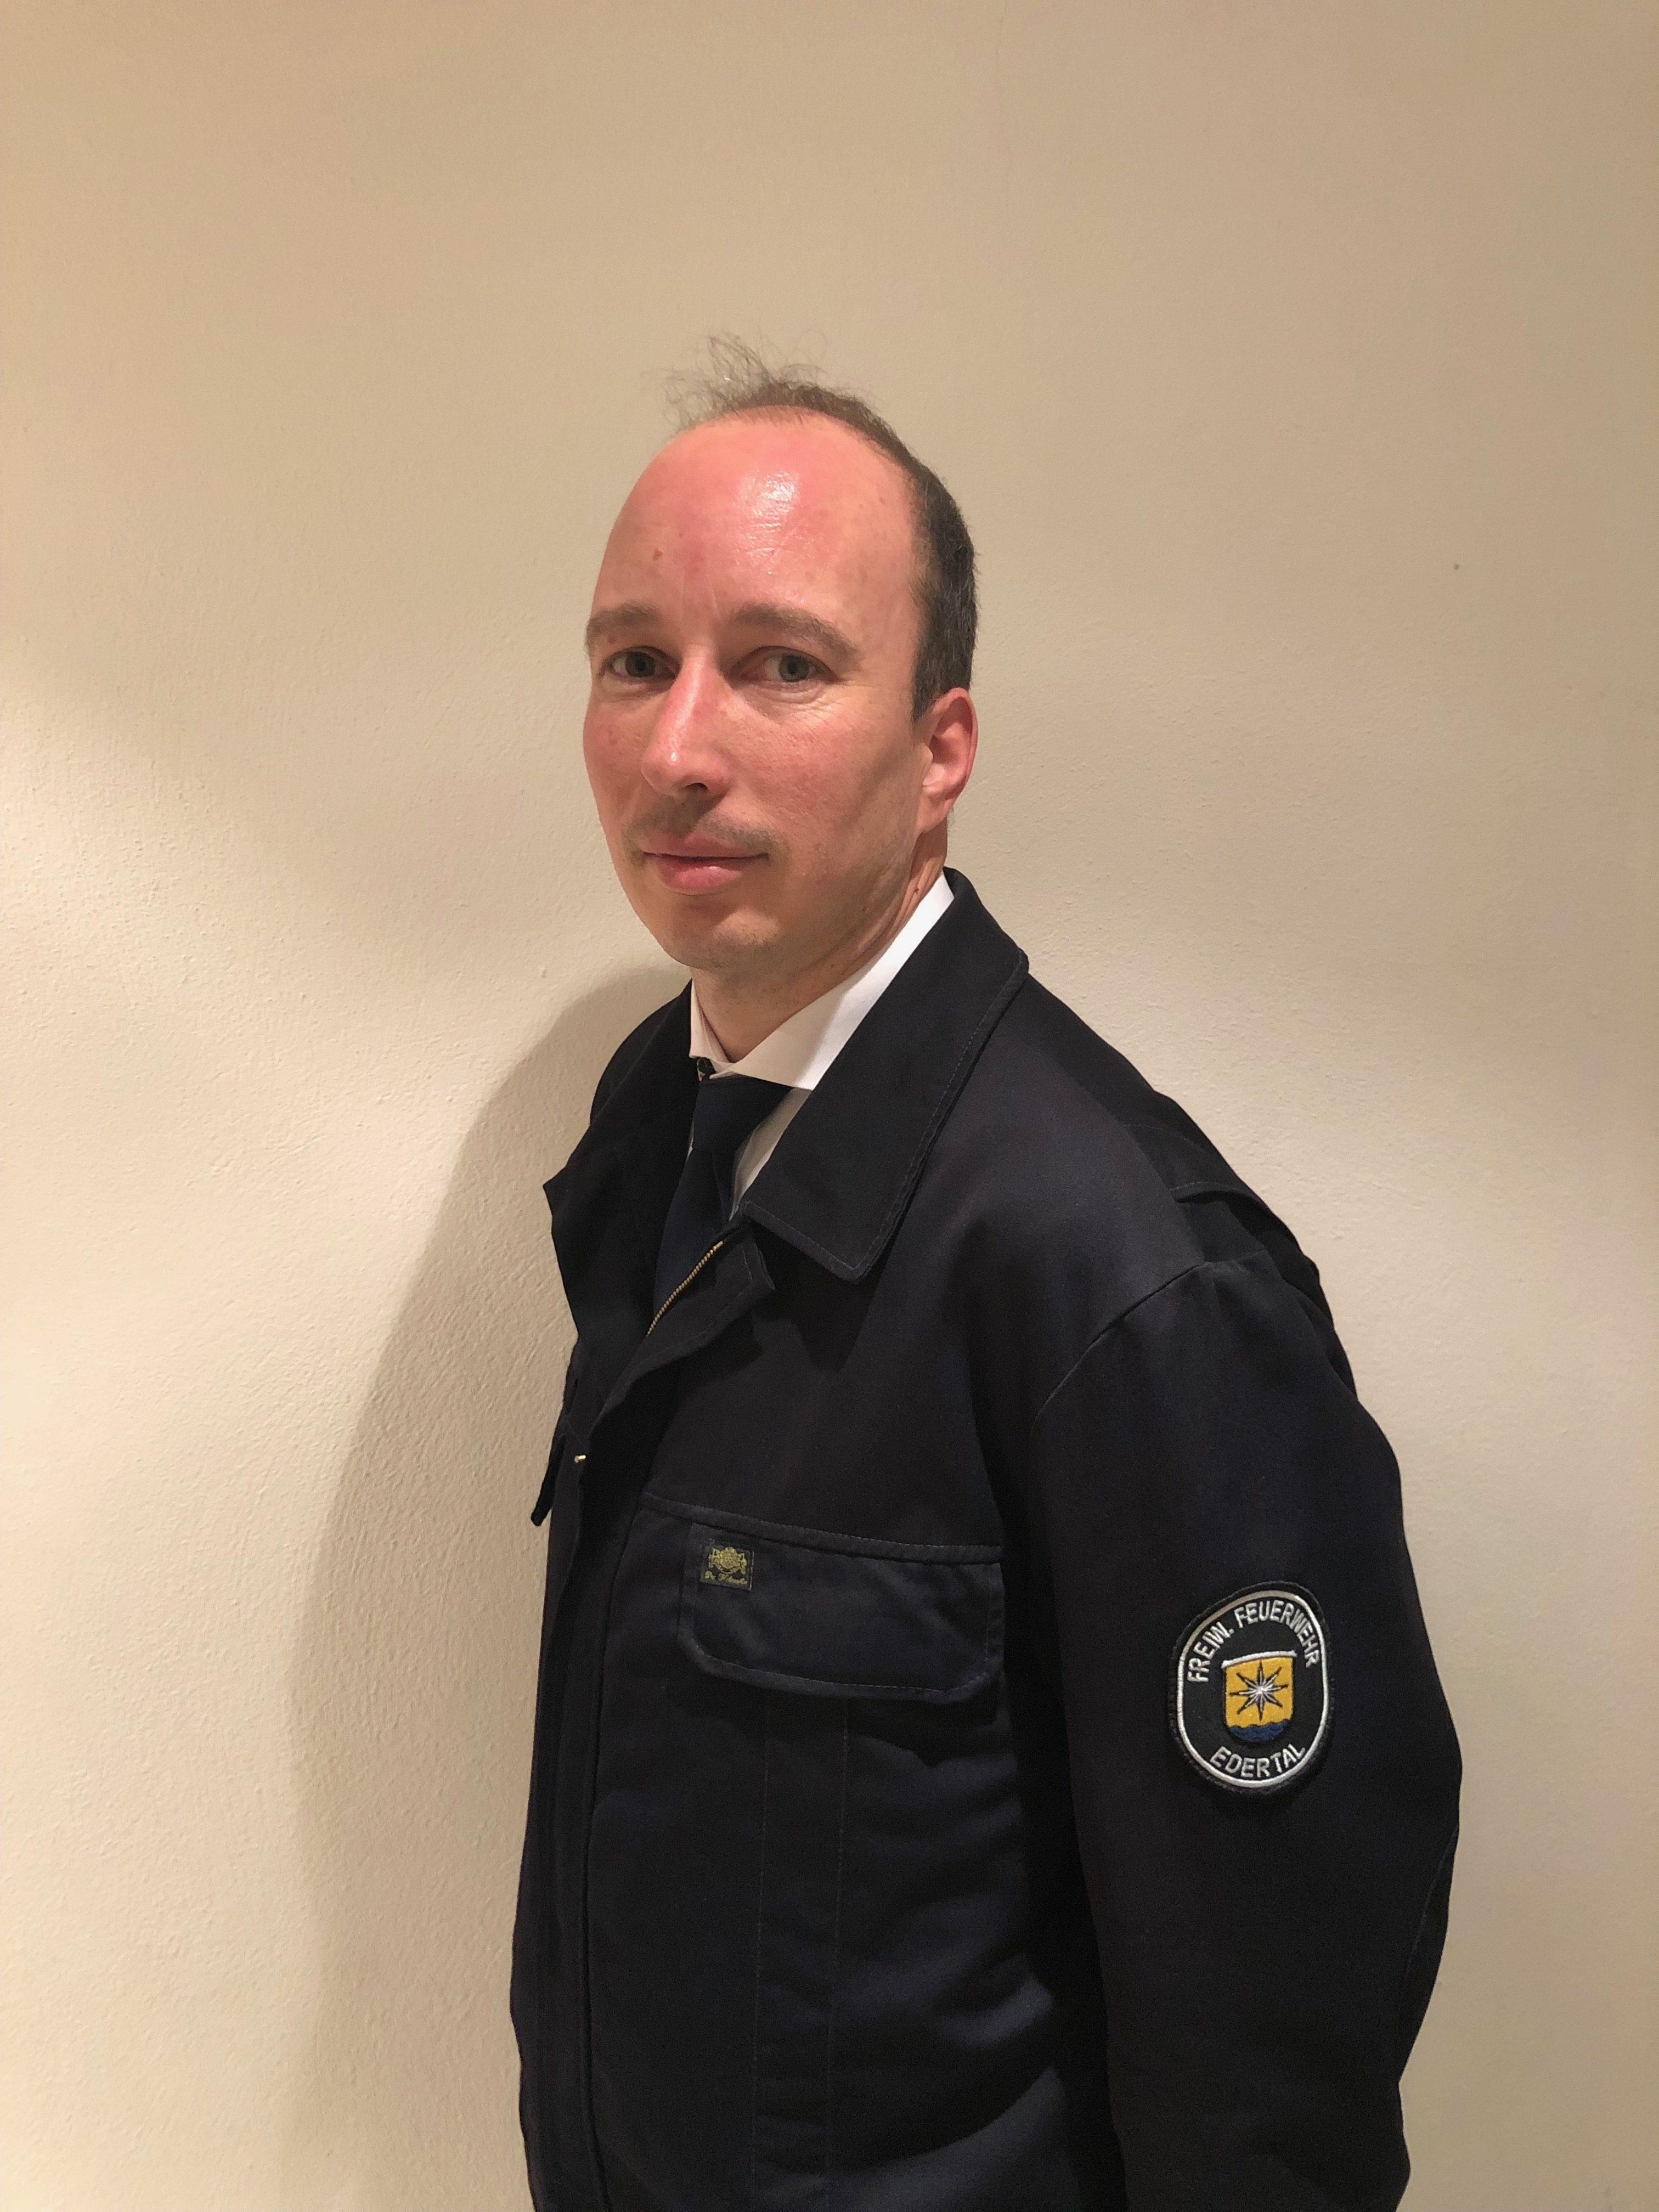 Gemeindebrandinspektor Dirk Rübsam